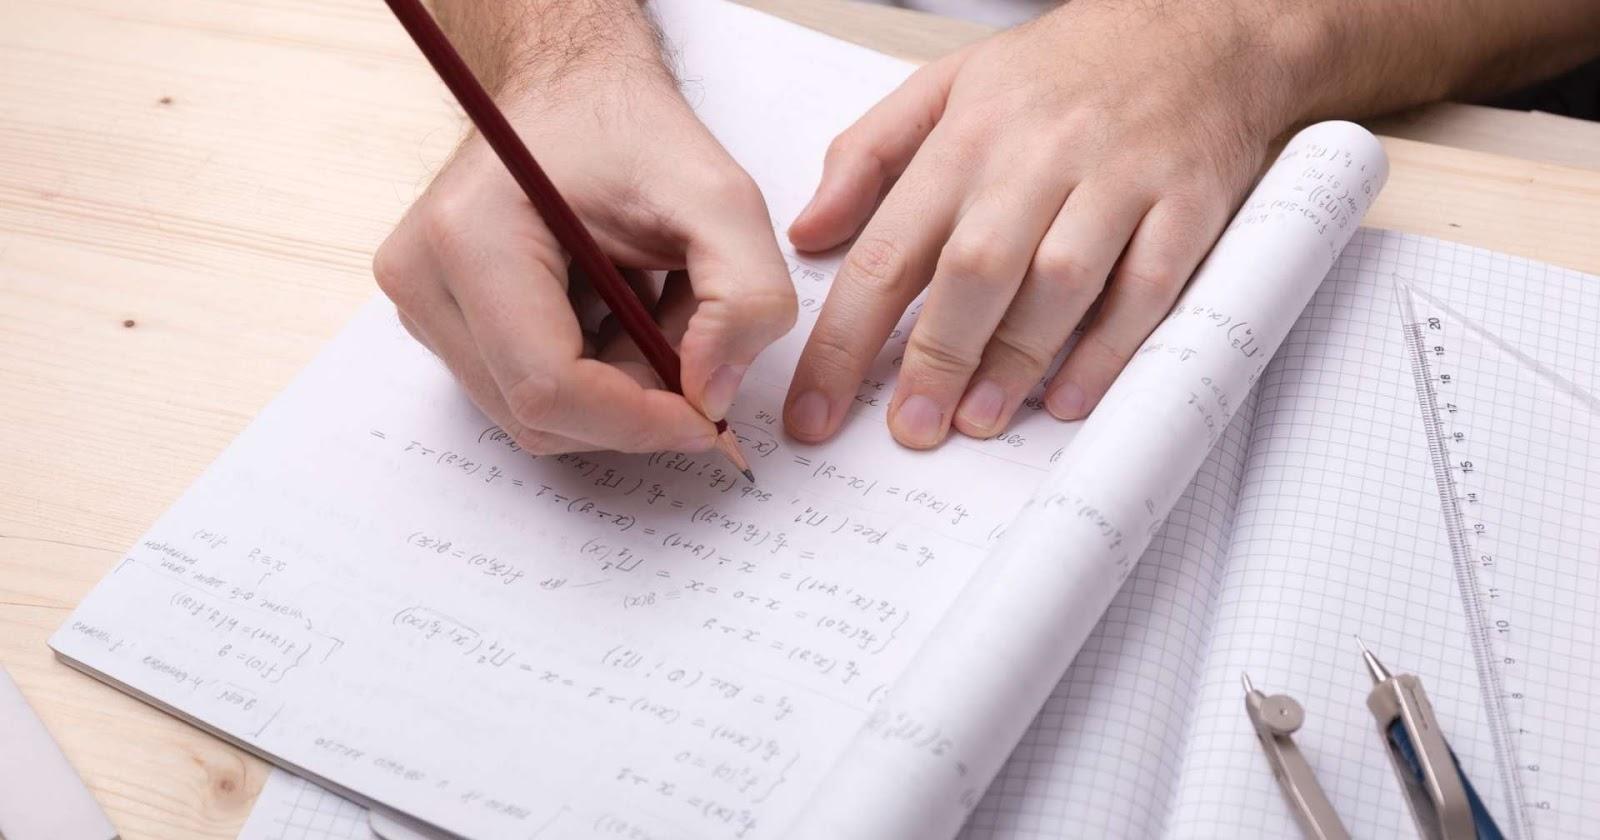 [筆記術-12] 主題樹狀筆記法:上課讀書筆記第一次寫就有條理